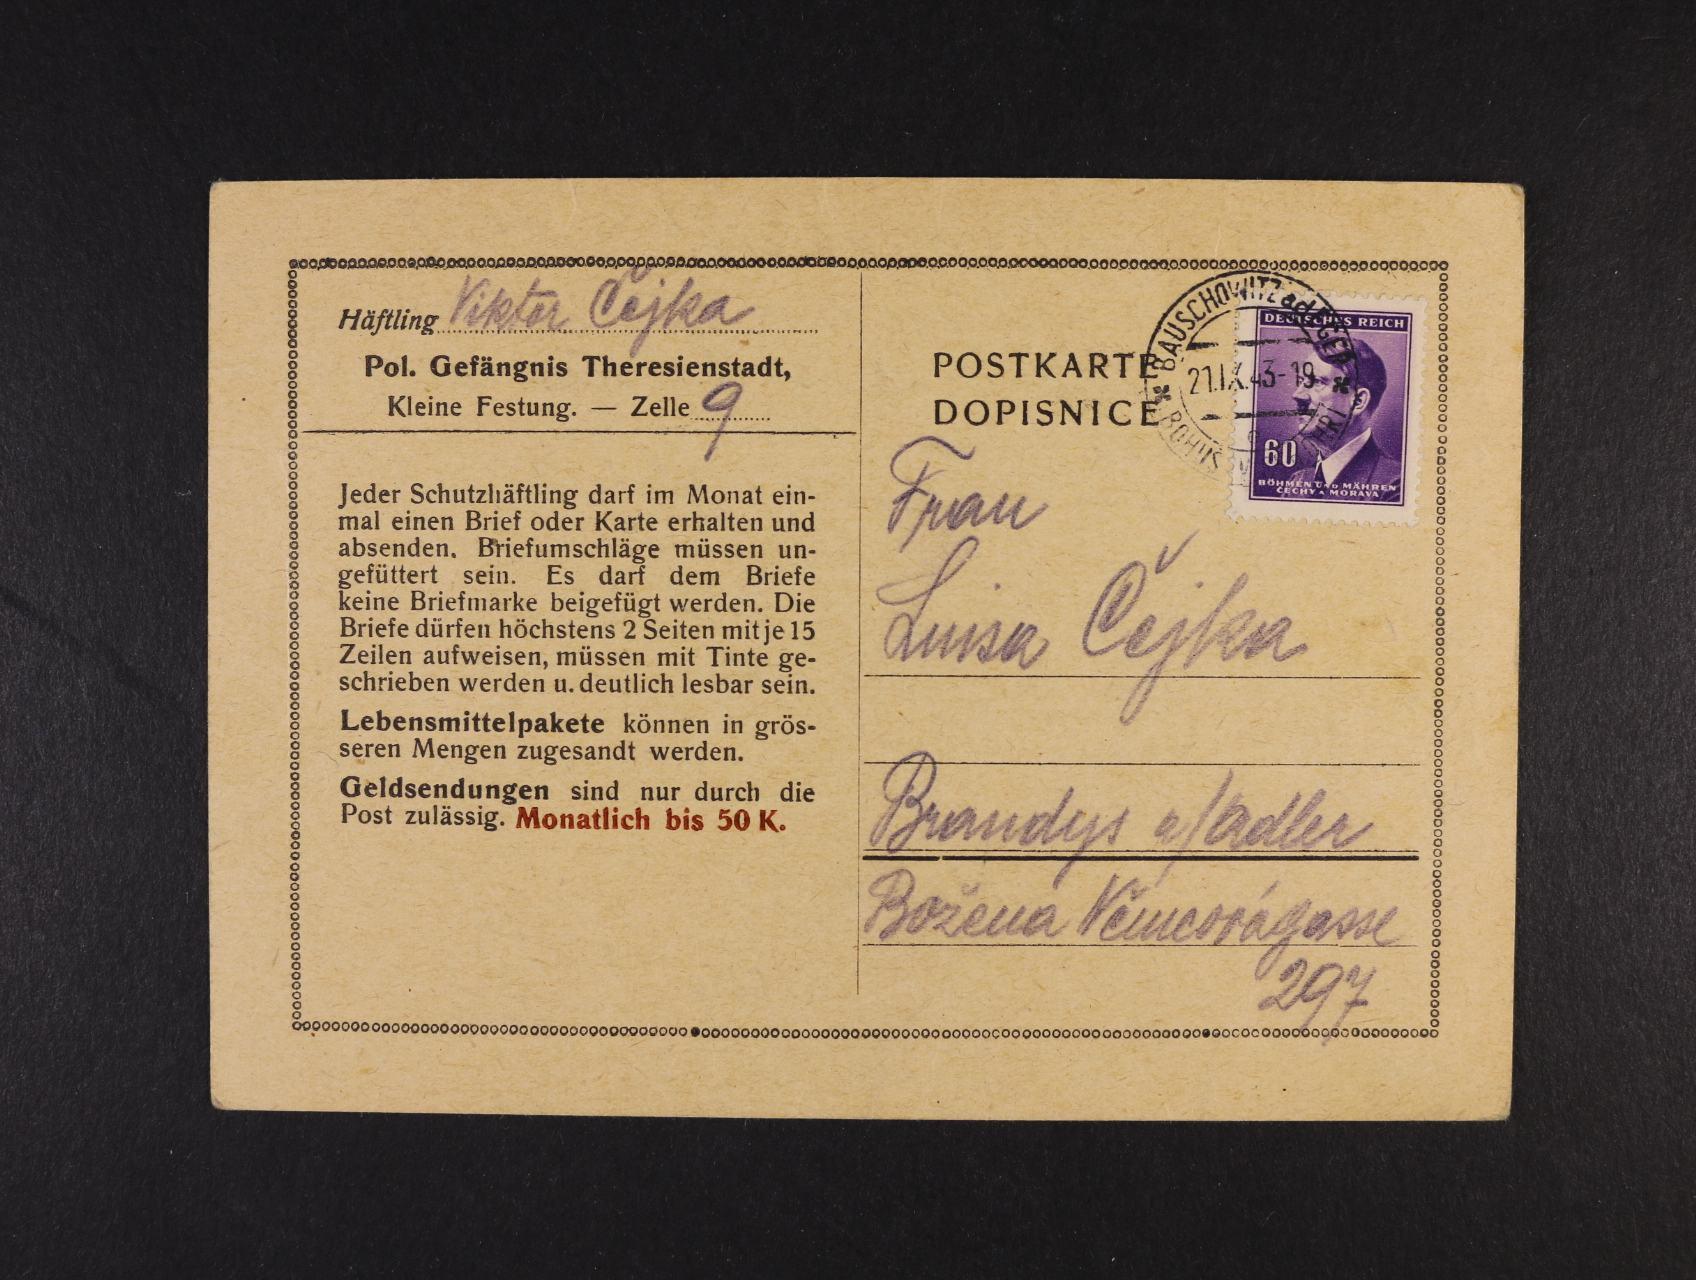 Theresienstadt - oficielní předtištěný KL pro KT frank. zn. A.H. 60h, pod. raz. BOHUŠOVICE 21.9.43